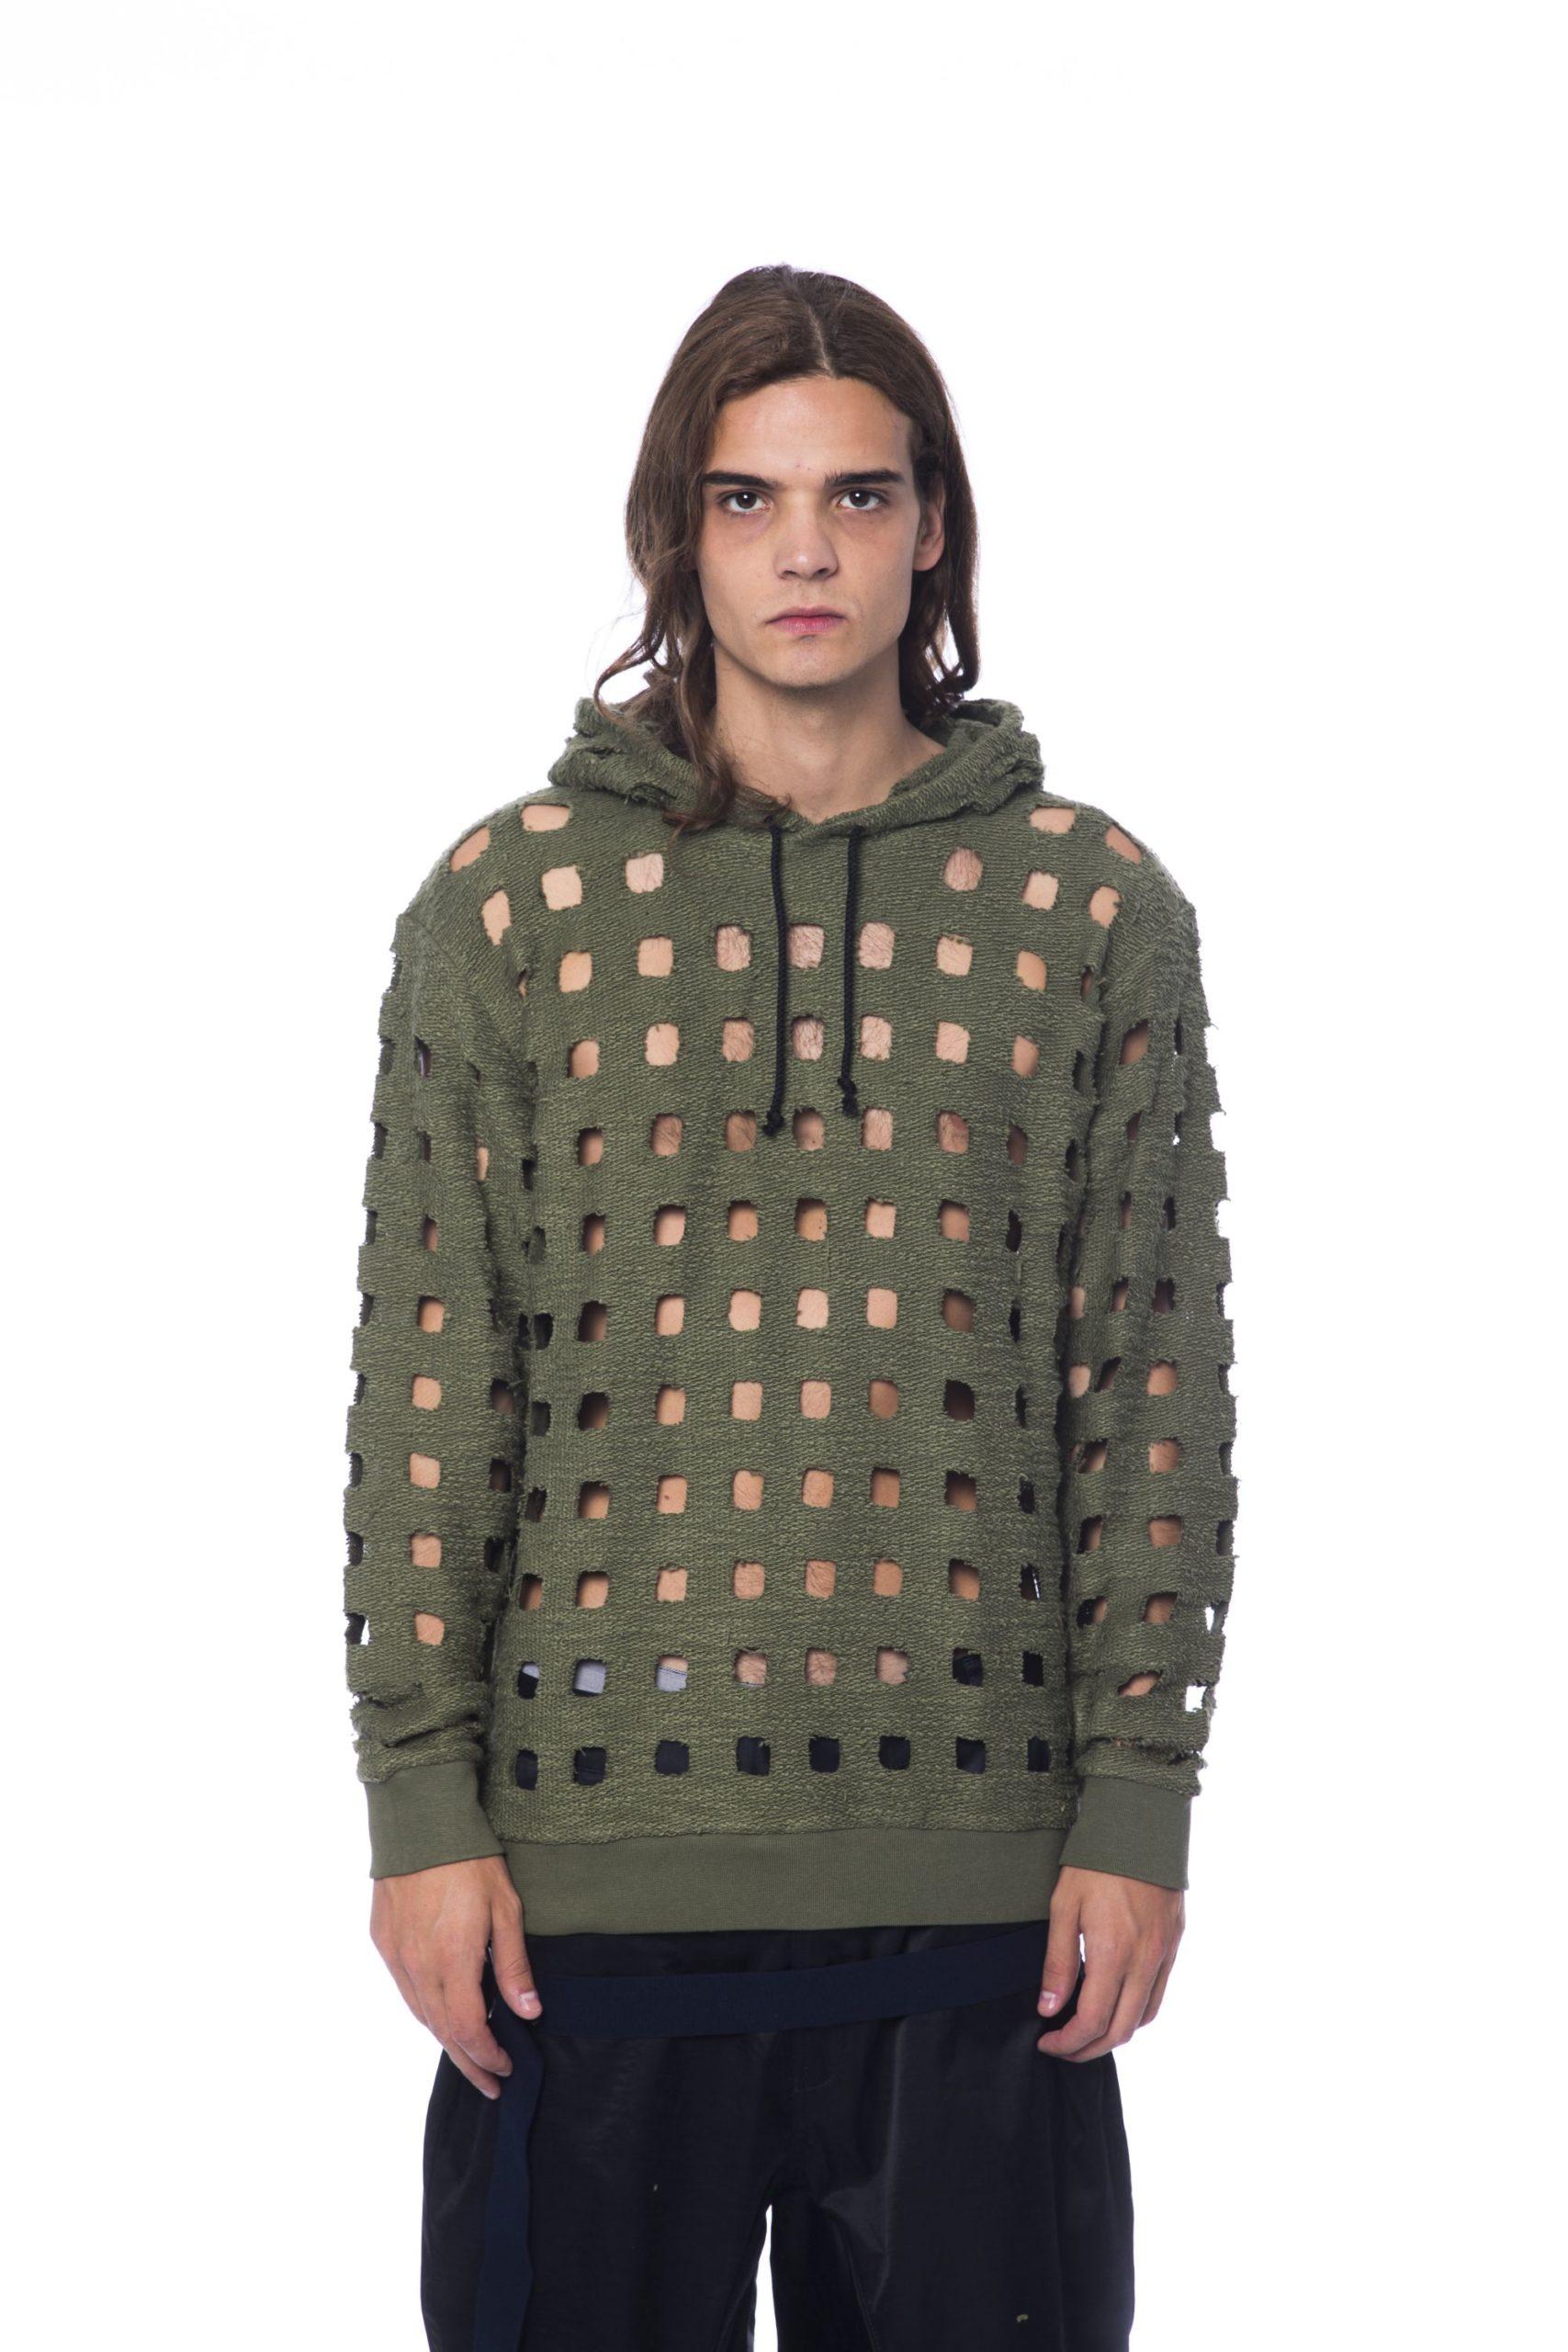 Nicolo Tonetto Men's Sweater Army NI1273153 - M